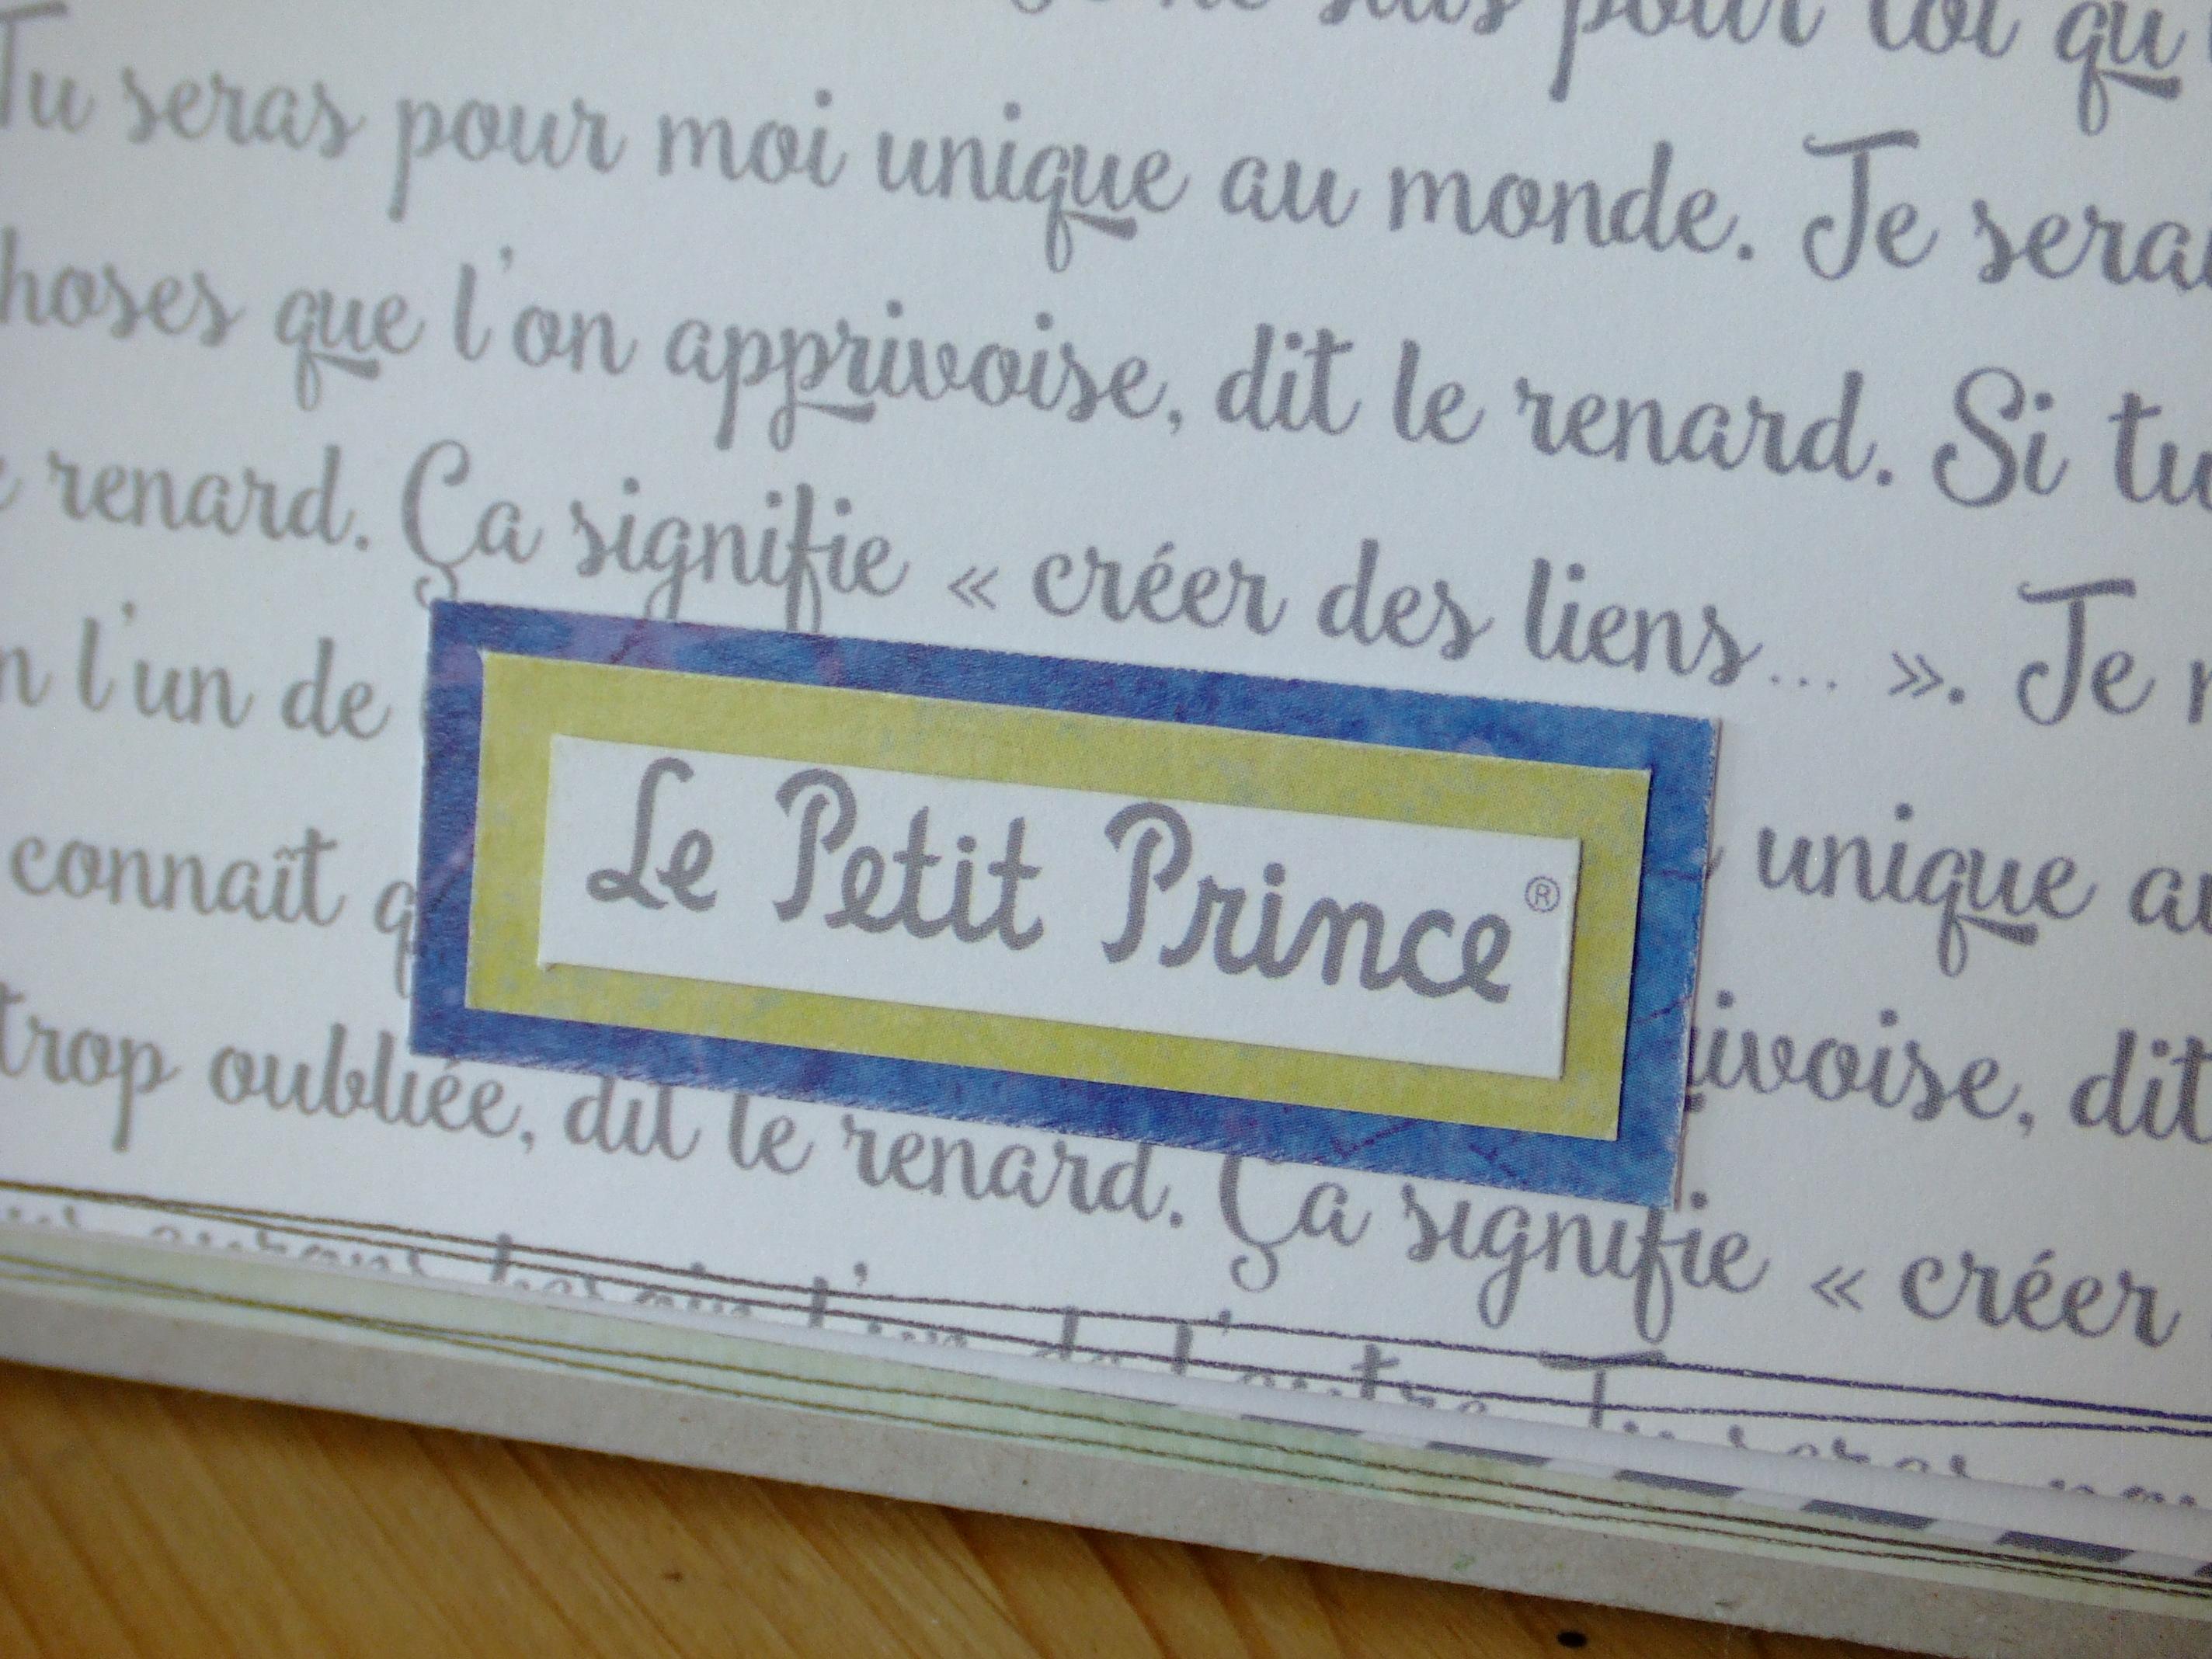 Atelier Scrap Plaisir calendrier perpétuel anniversaires collection Le petit prince couleurs-en-folie scrap scrapbooking isabelle-lafolie lille marcq-en-baroeul atelier-démo-à-domicile